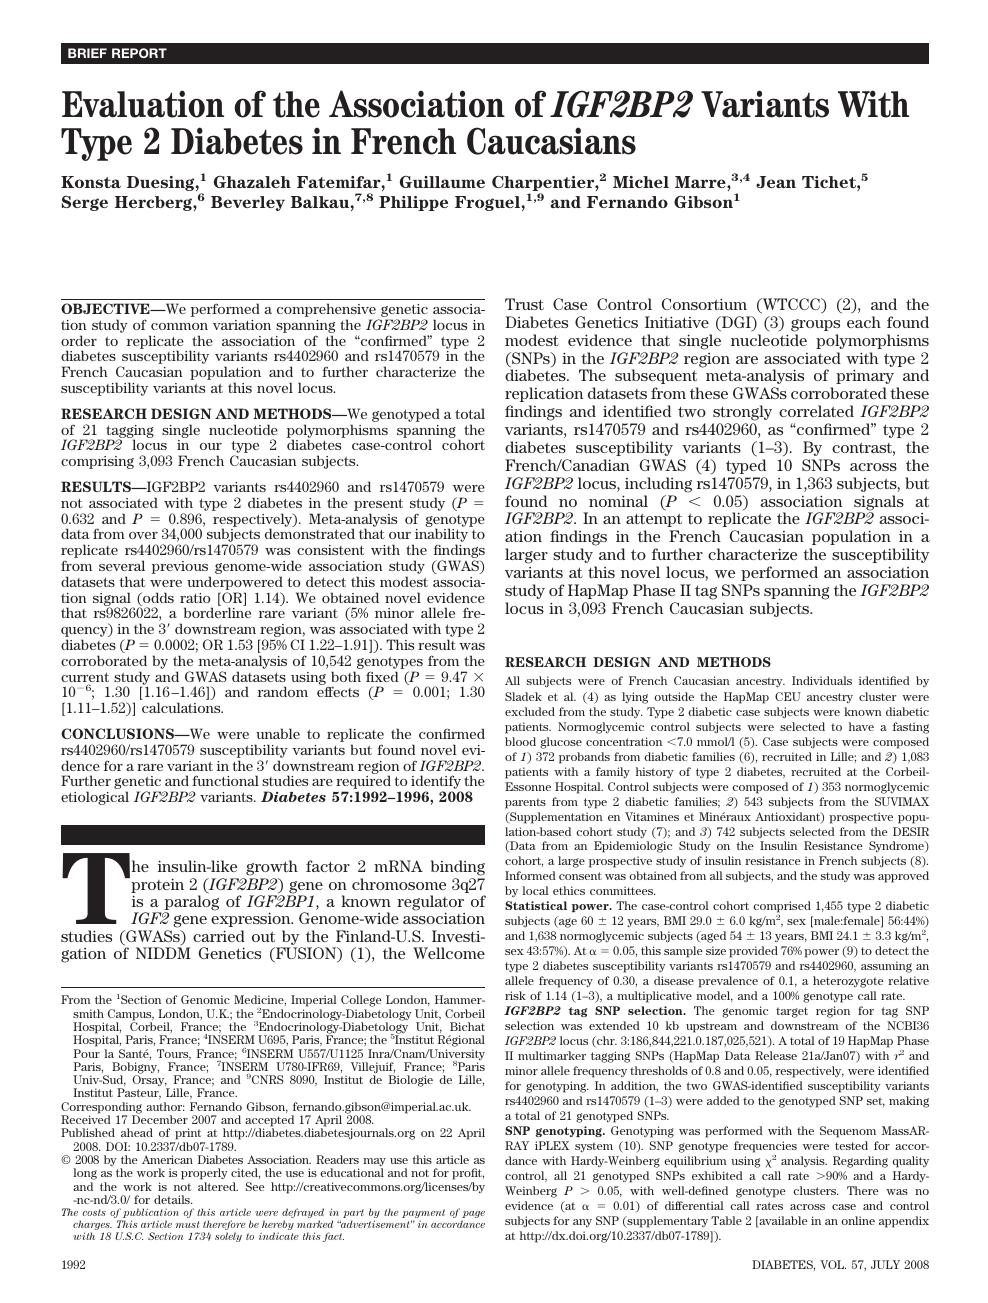 diabetes sante publique pdf